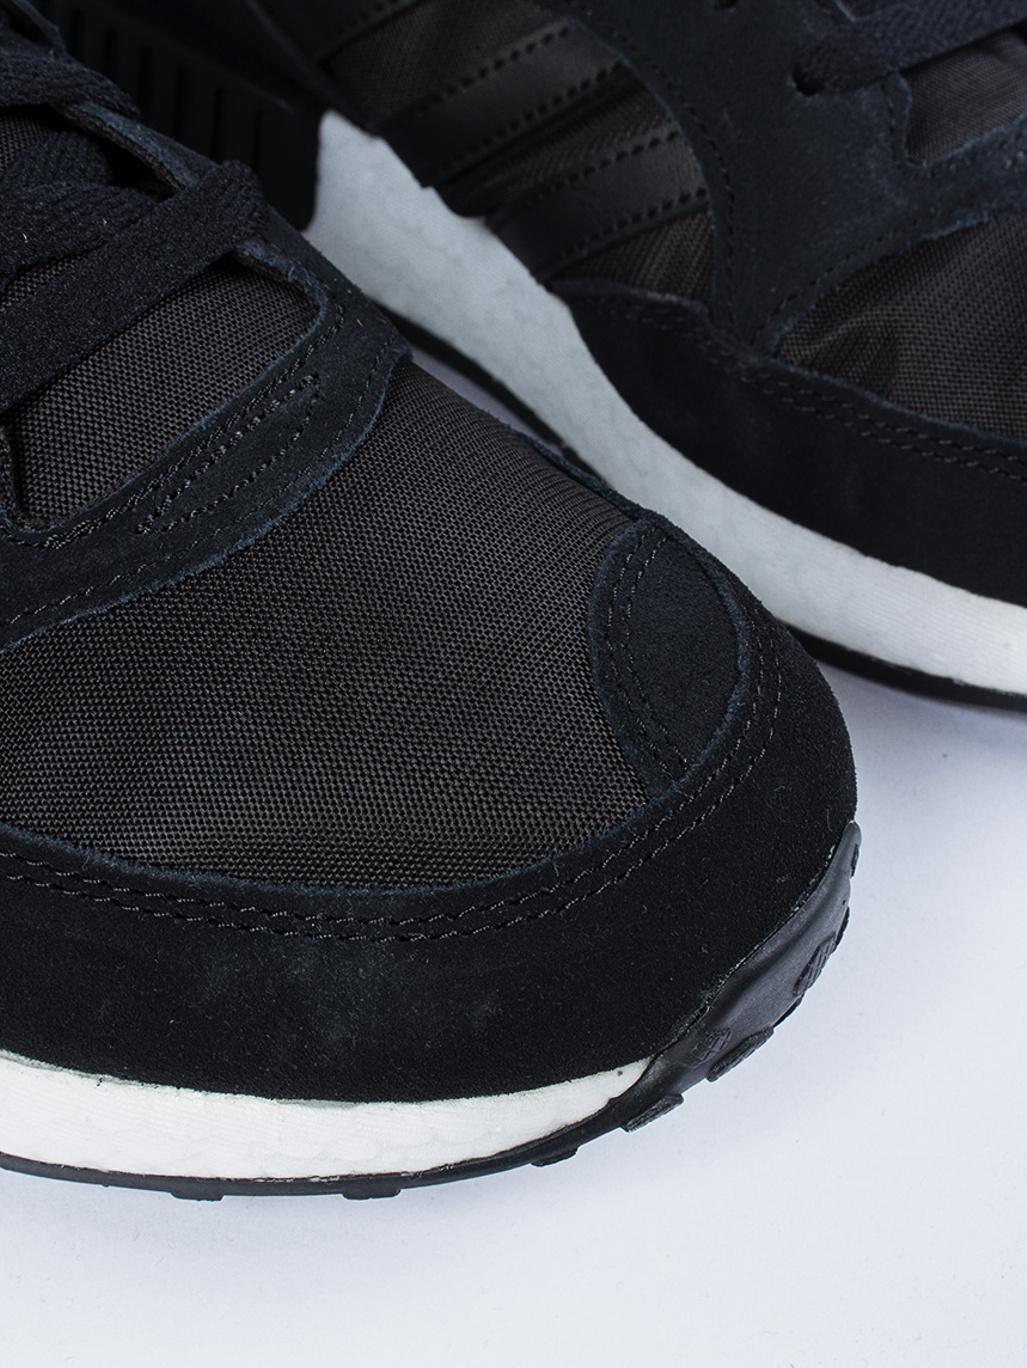 info for 4532d 4339e Adidas Originals BOSTONSUPERxR1 C Black